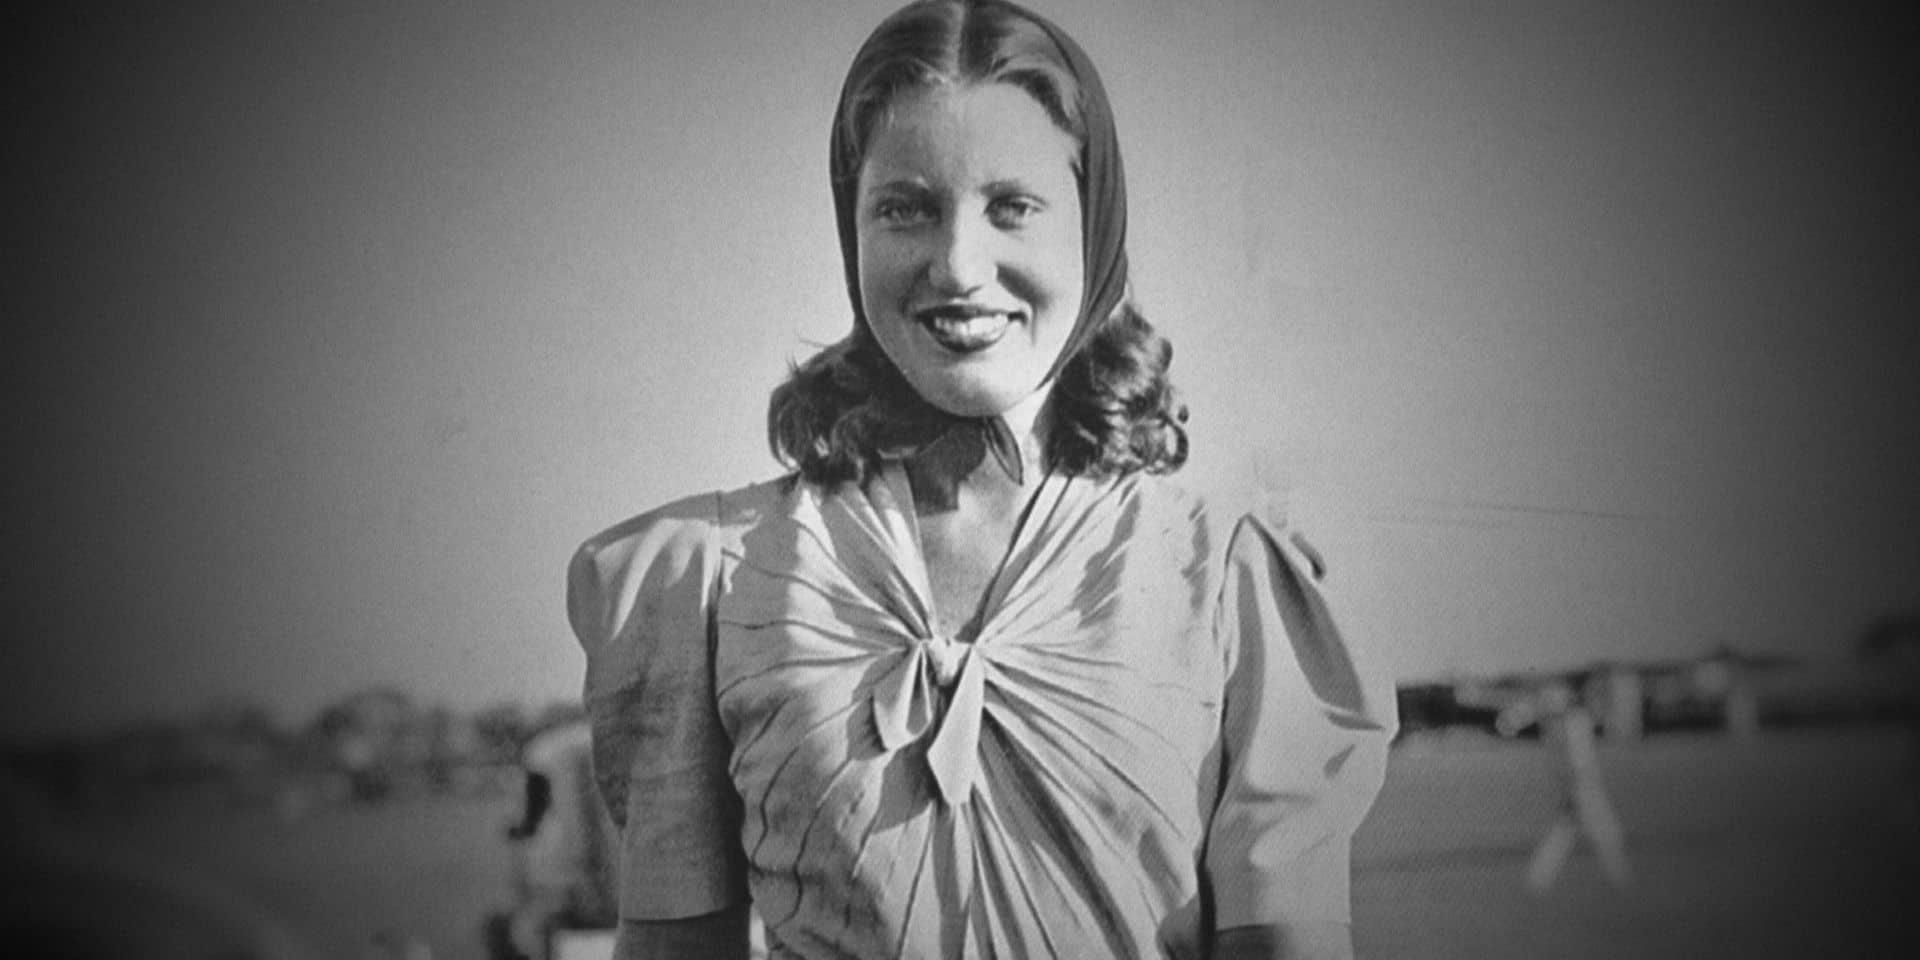 Little Edie, la cousine de Jackie Kennedy-Onassis, vivait dans une maison insalubre, avec sa mère